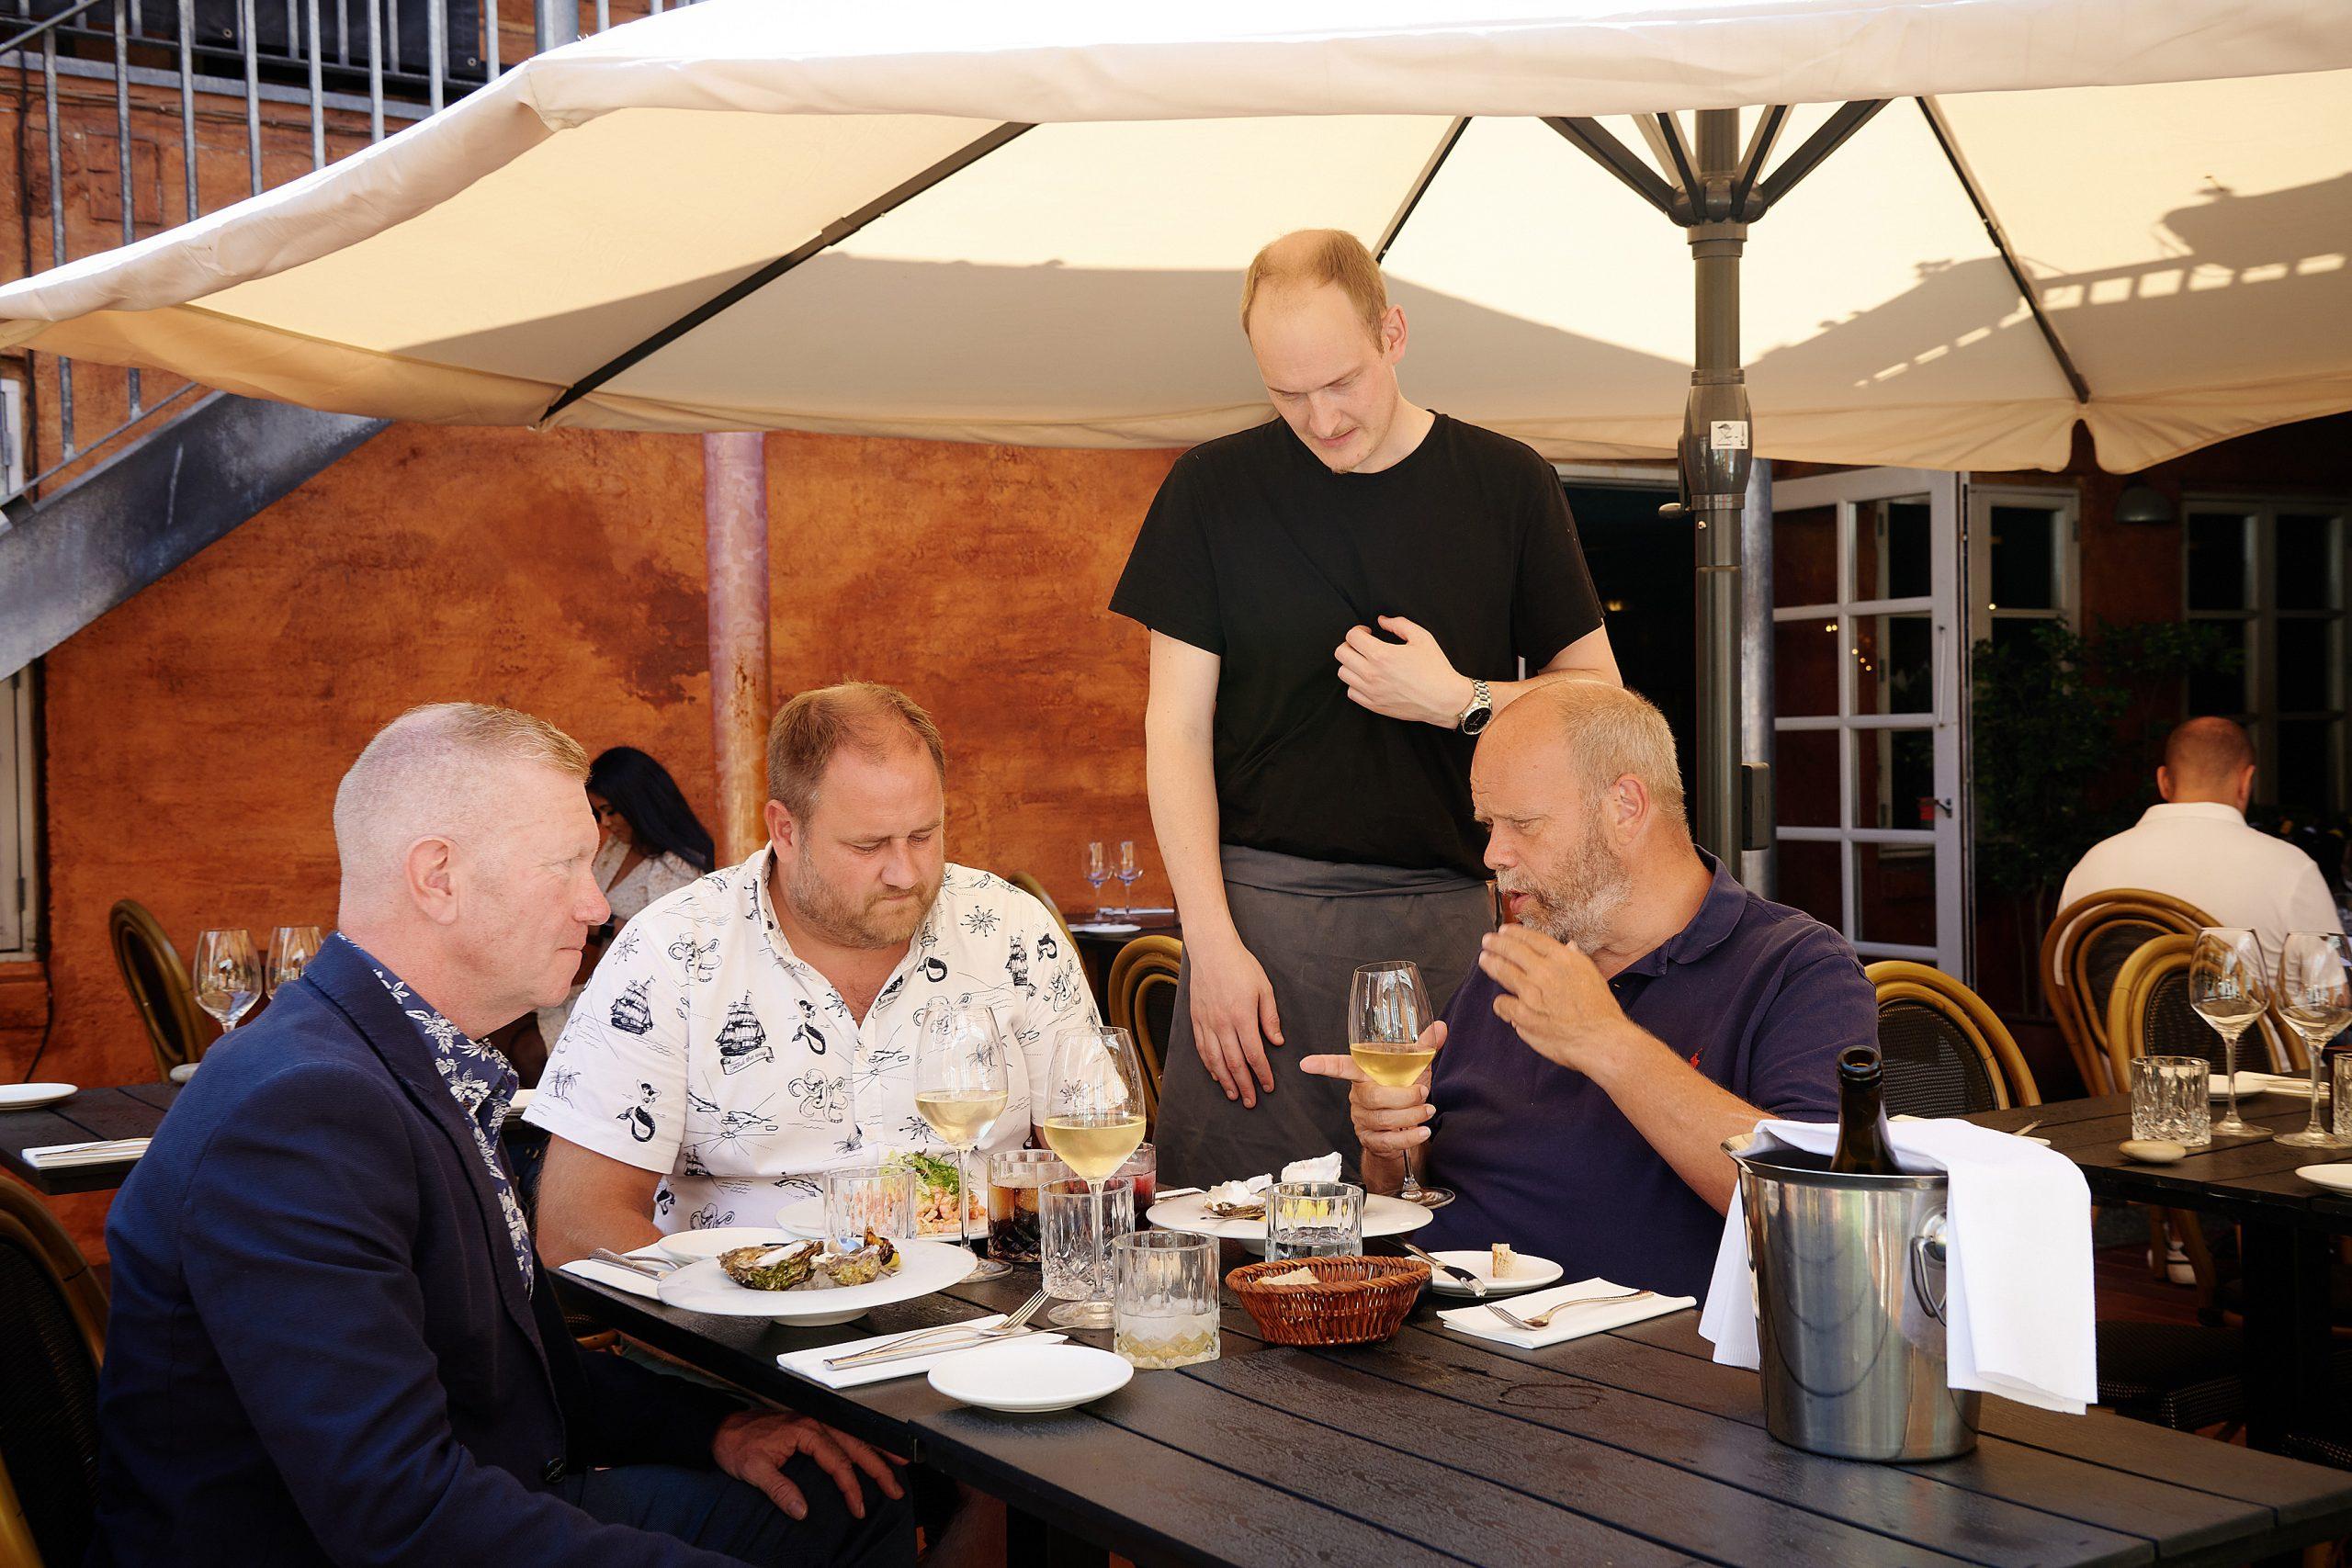 Mest for pengene: Populær Aalborg-restaurant i stor gourmetfinale